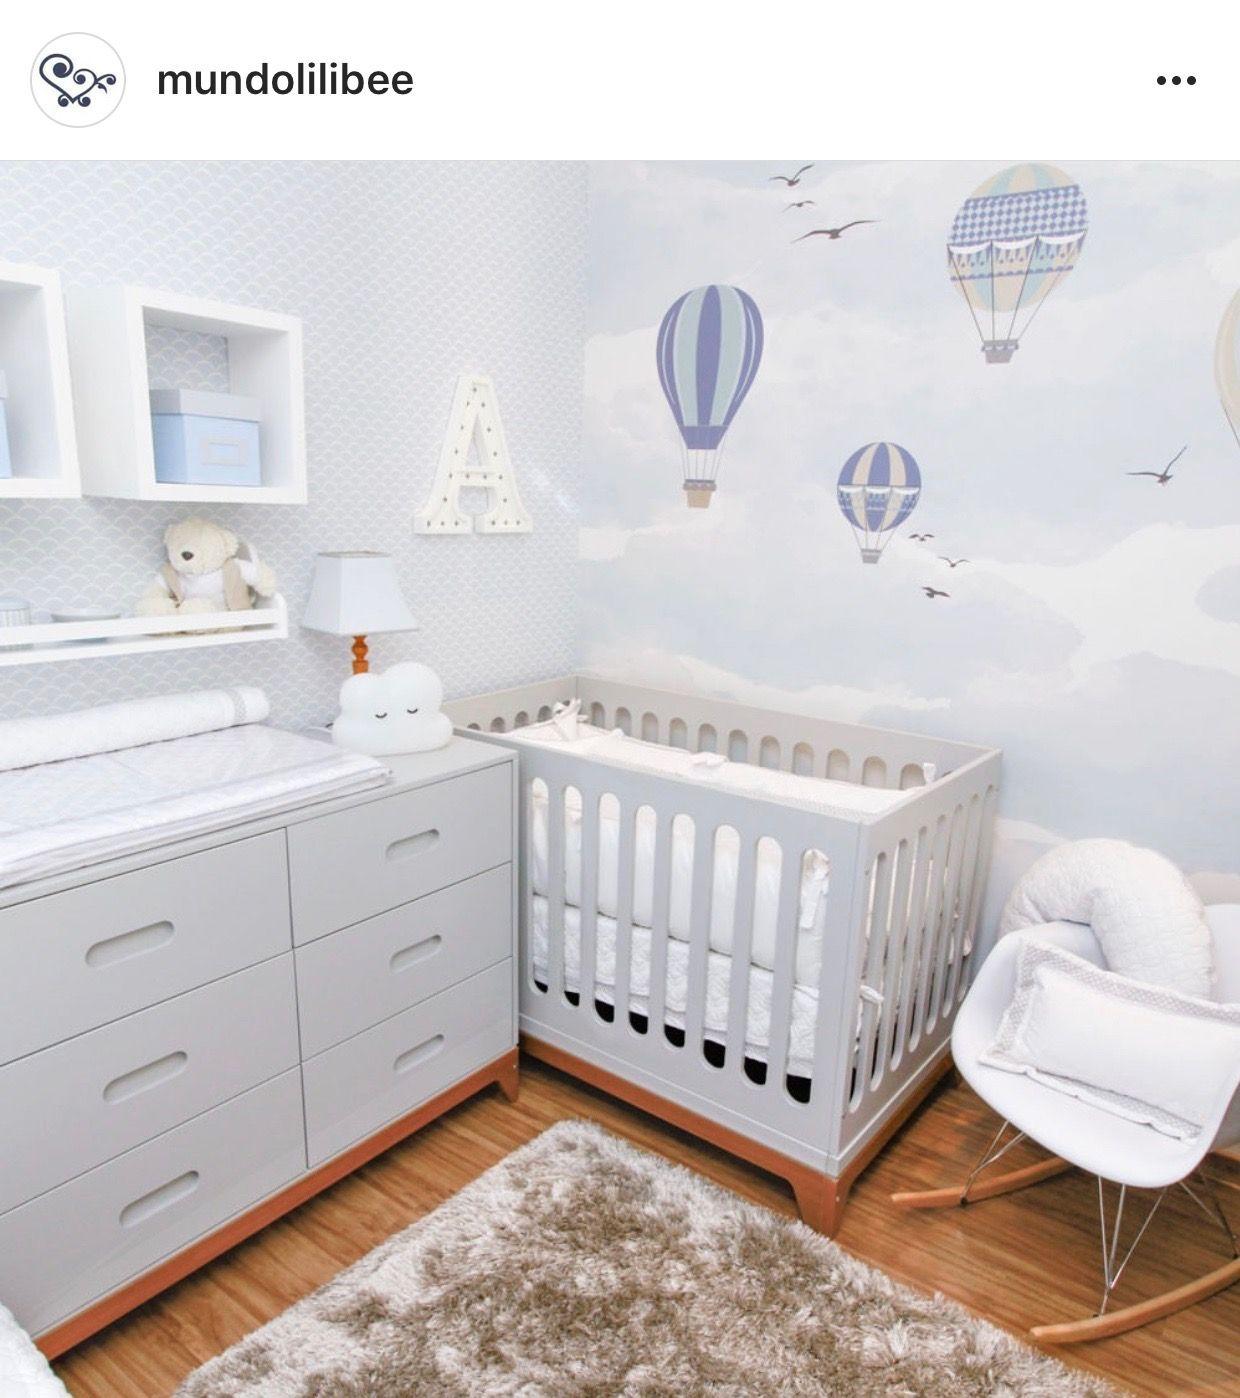 Mil Ideias De Decoração Quartos De Bebé: Pin De Gareth Balfour Em Nursery Em 2019